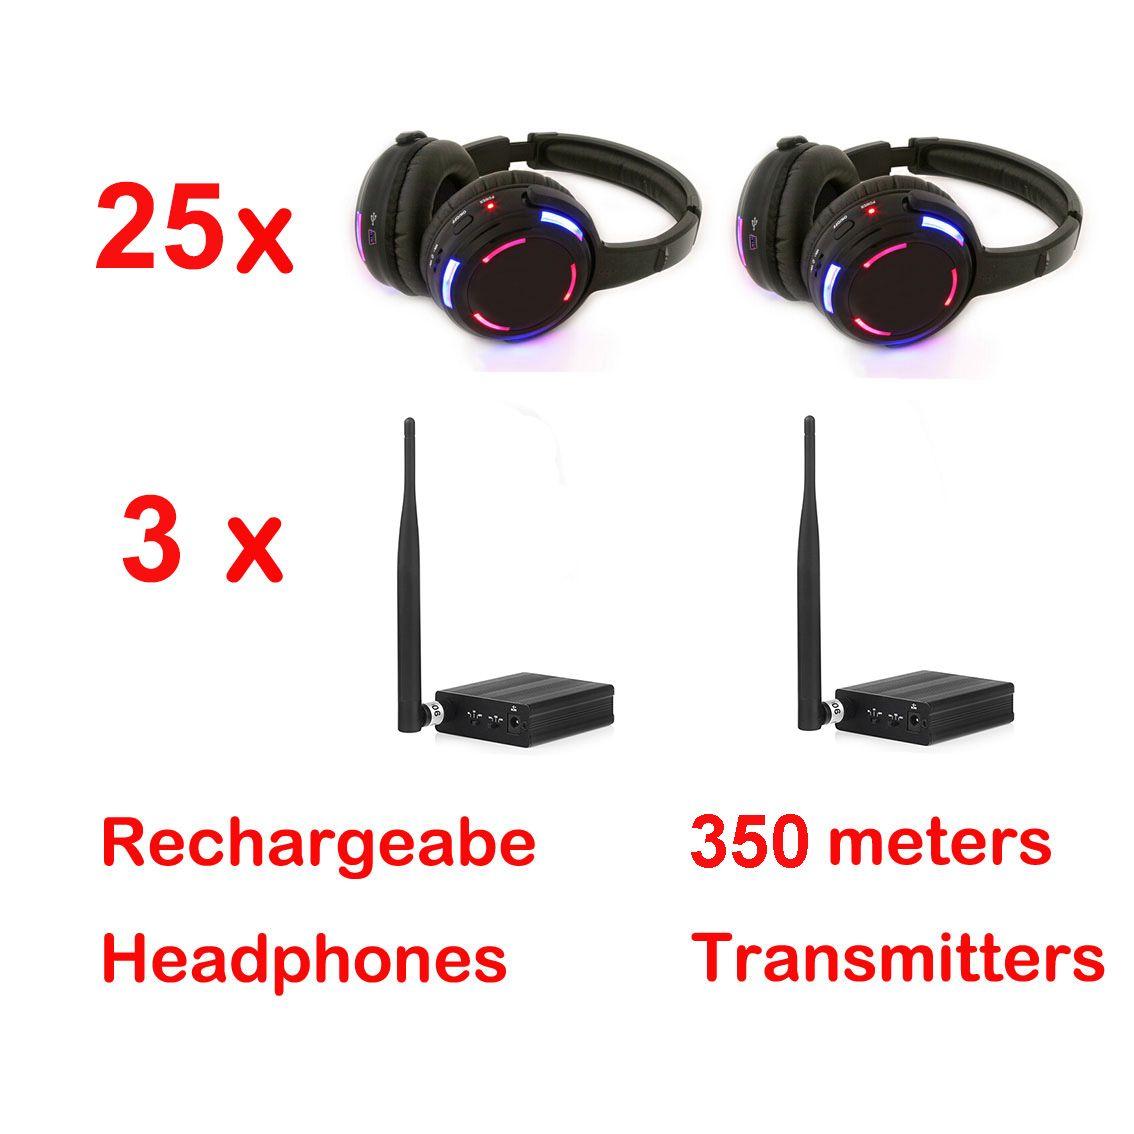 Casque professionnel silencieux Disco avec 3 canaux Système sans fil à prix avantageux pour iPod MP3, musique DJ (25 récepteurs + 3 émetteurs)